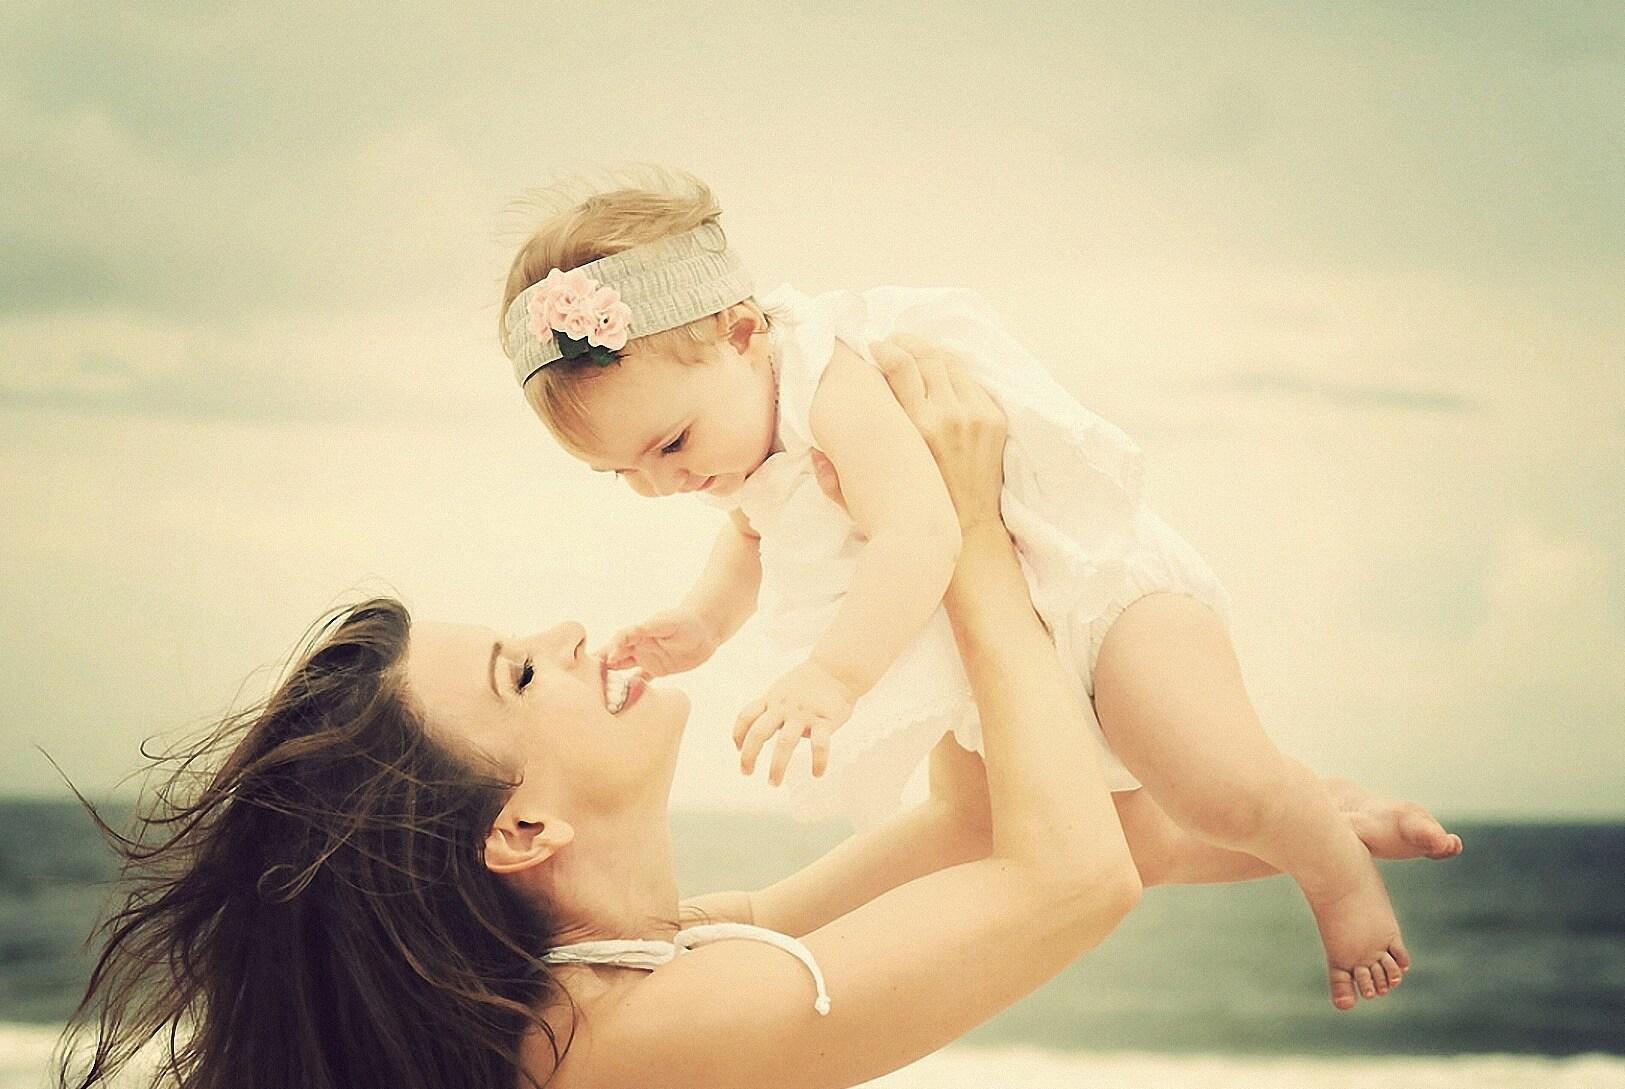 Сказал маме что хочет ее рассказы, Эротические рассказы Реальная история как мама стала 11 фотография